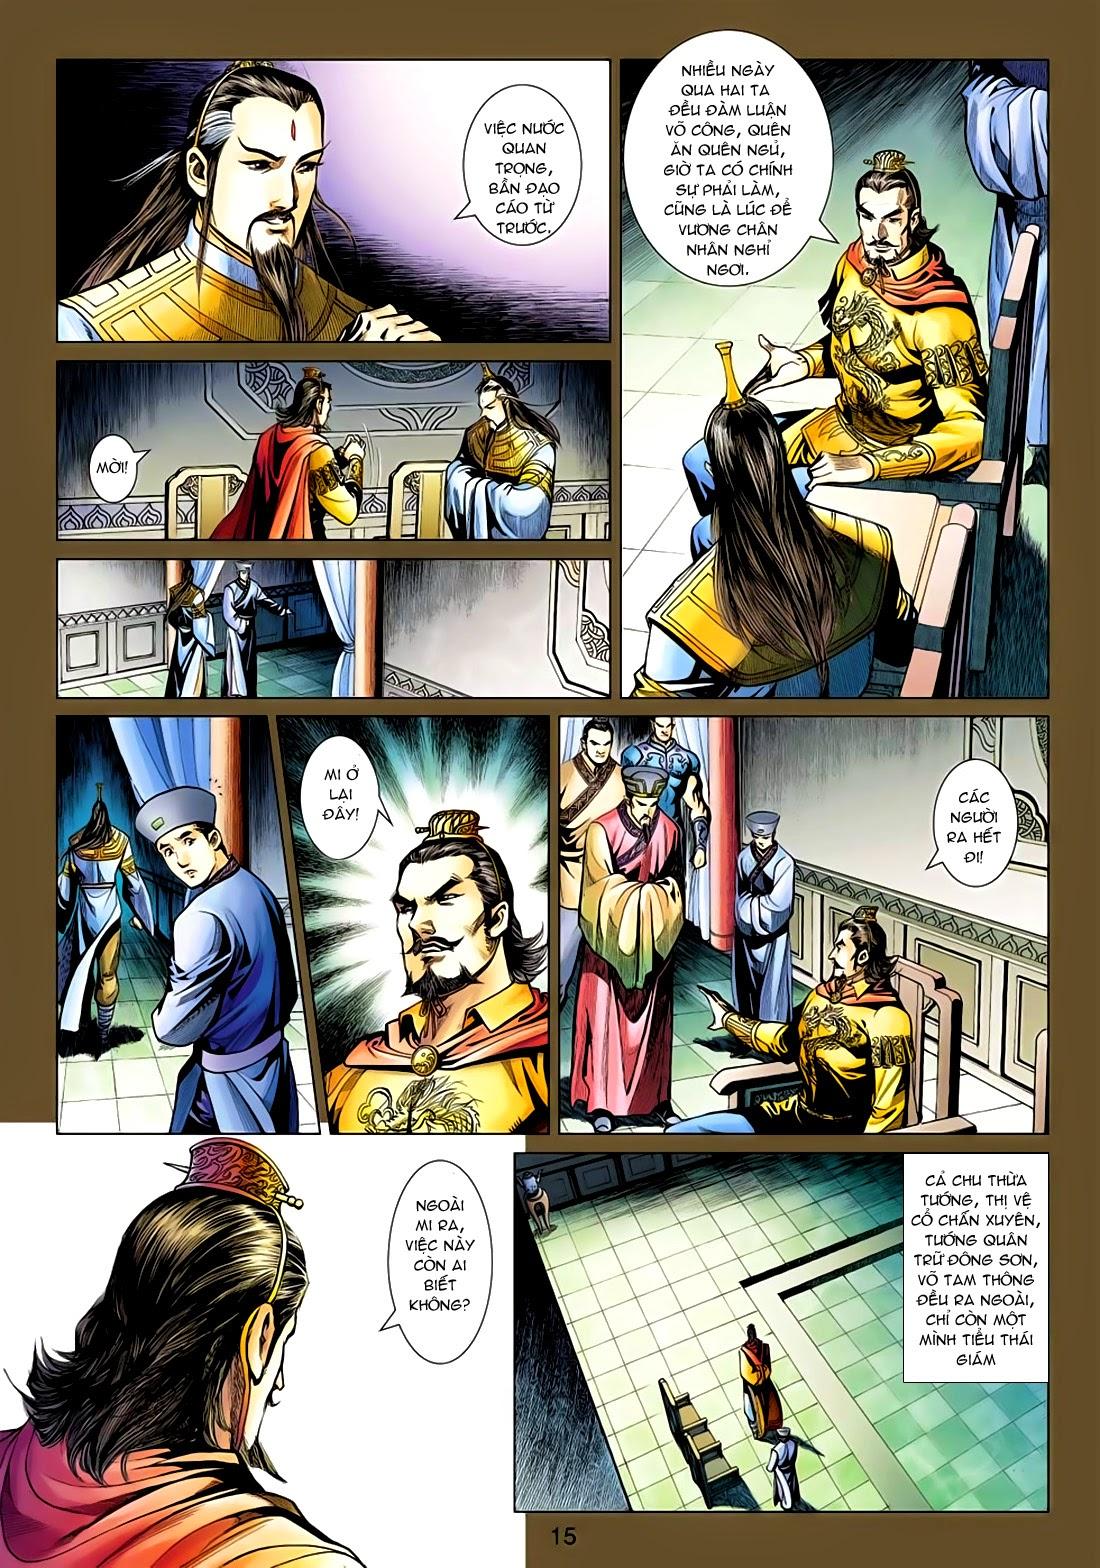 Anh Hùng Xạ Điêu anh hùng xạ đêu chap 77: thế thượng tối cường võ công trang 15